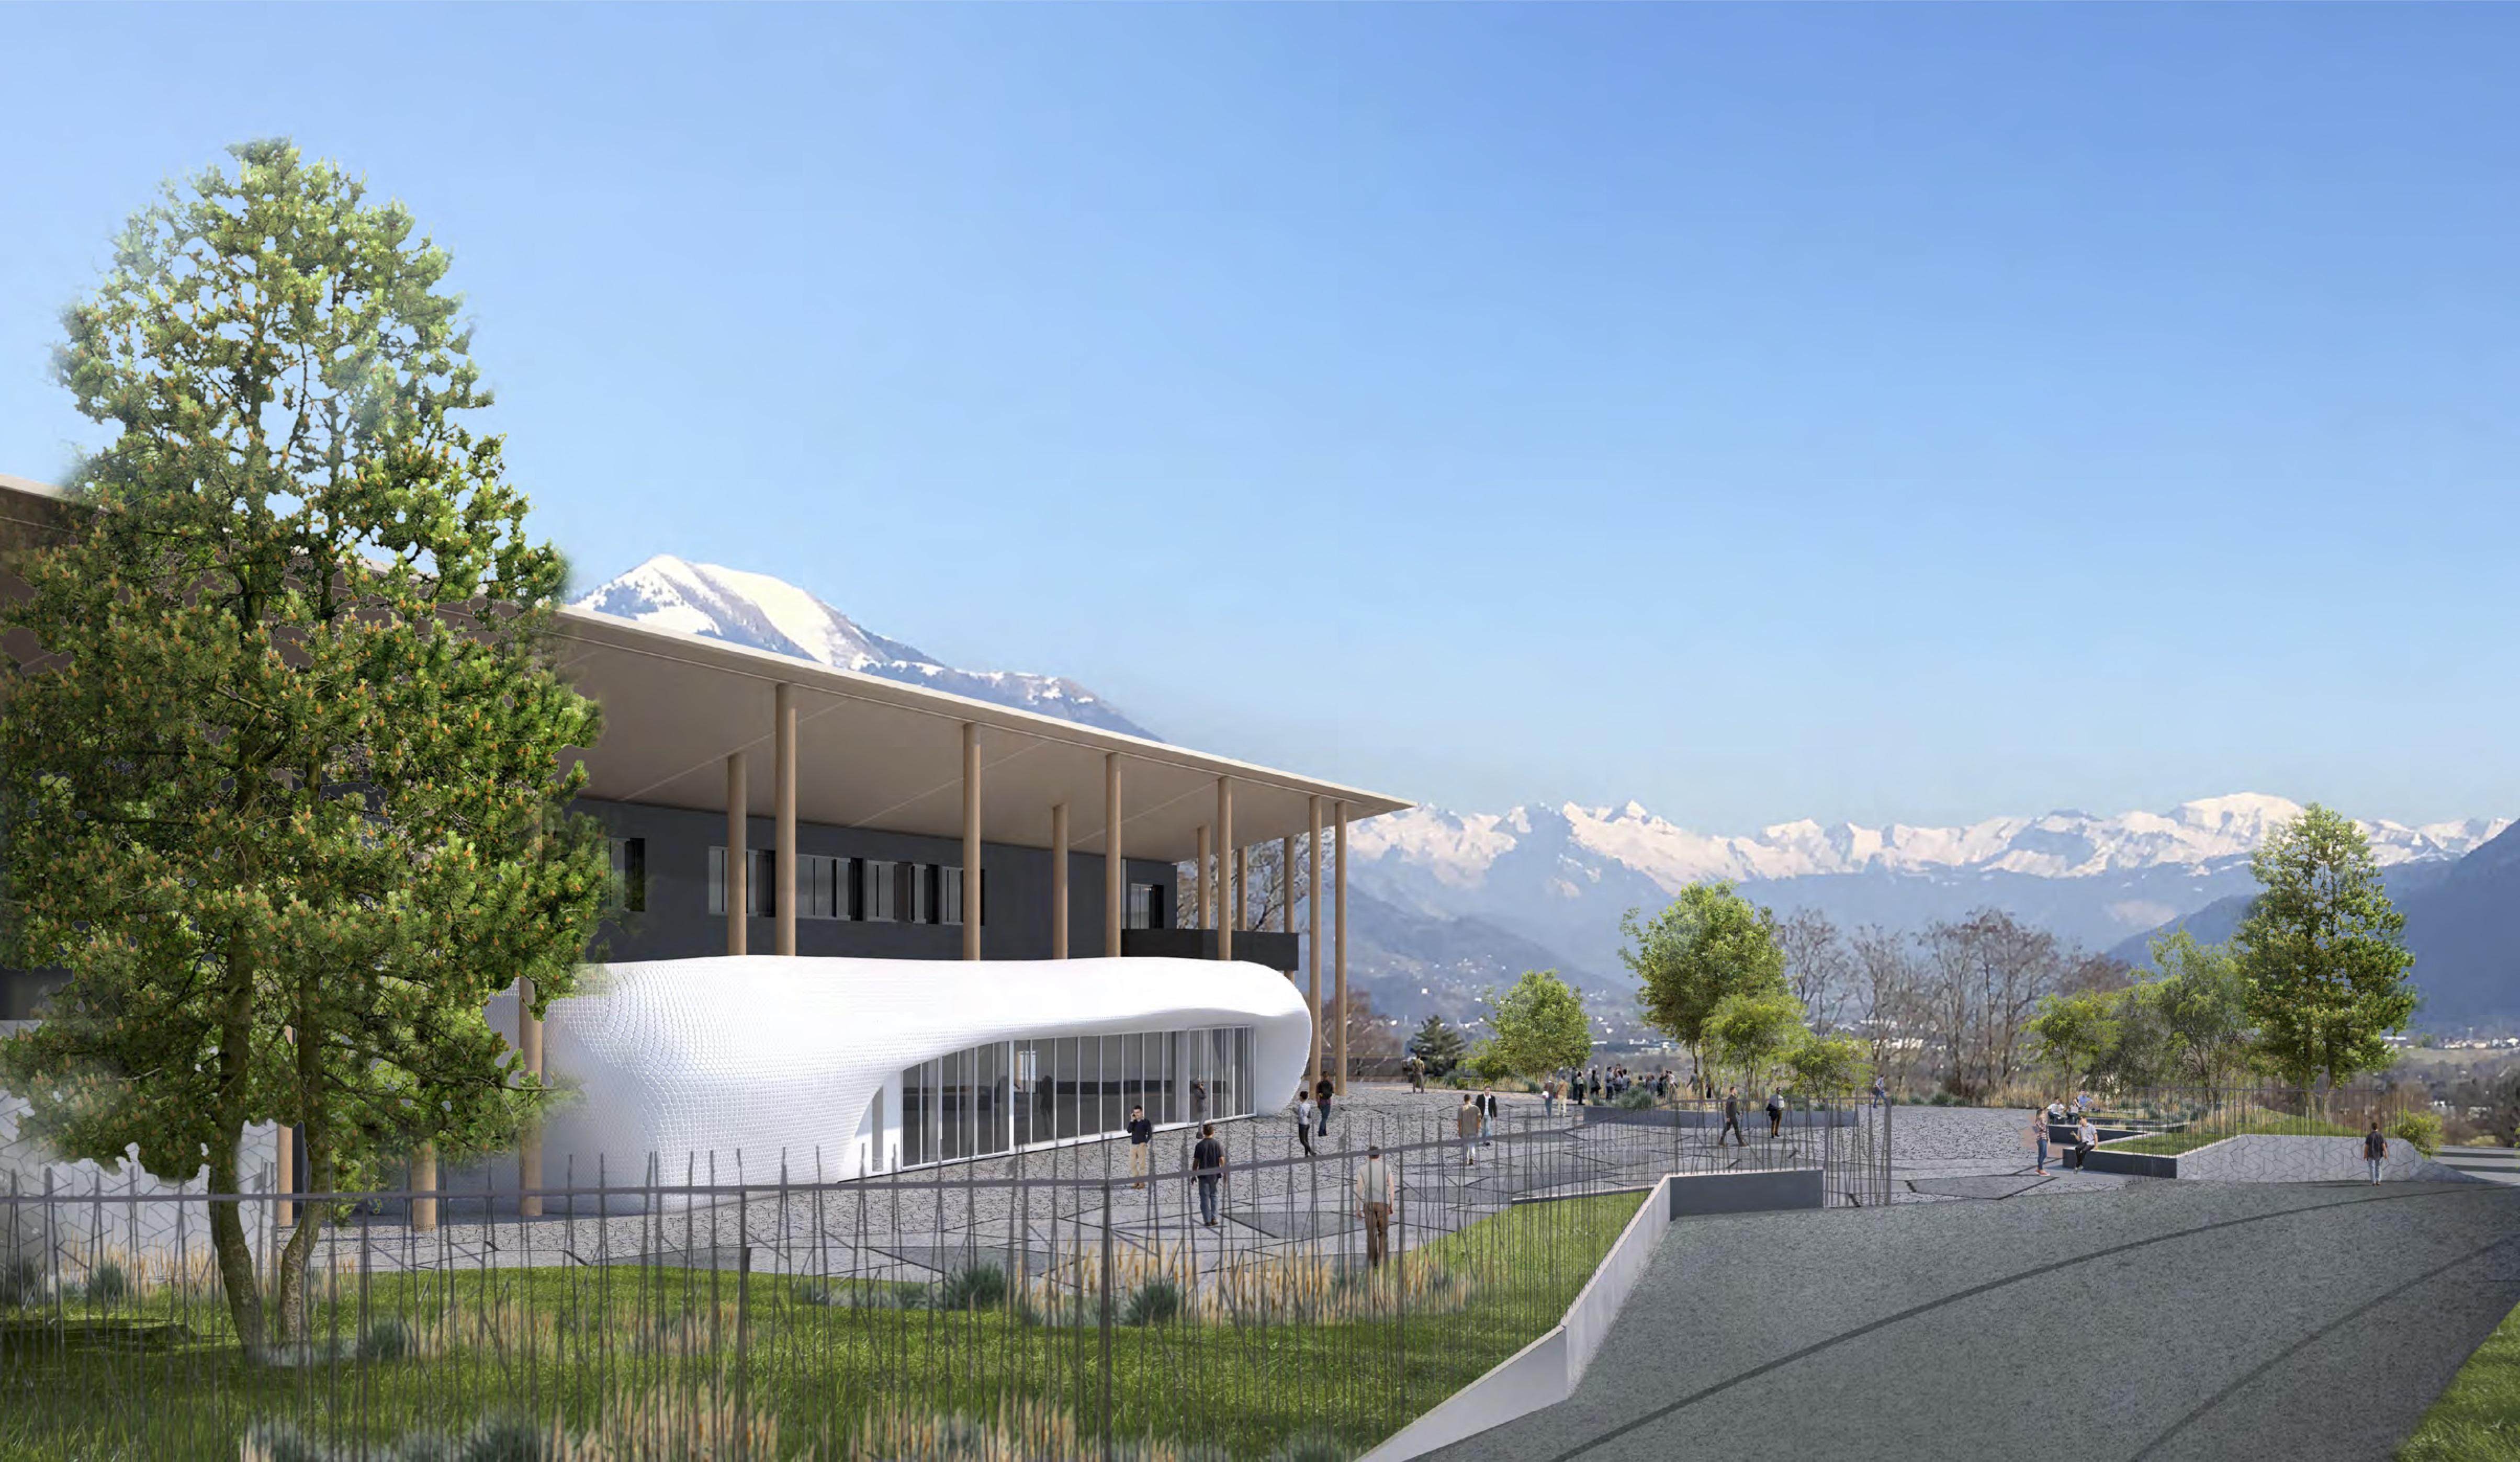 100 Incroyable Suggestions Architecte La Roche Sur Foron